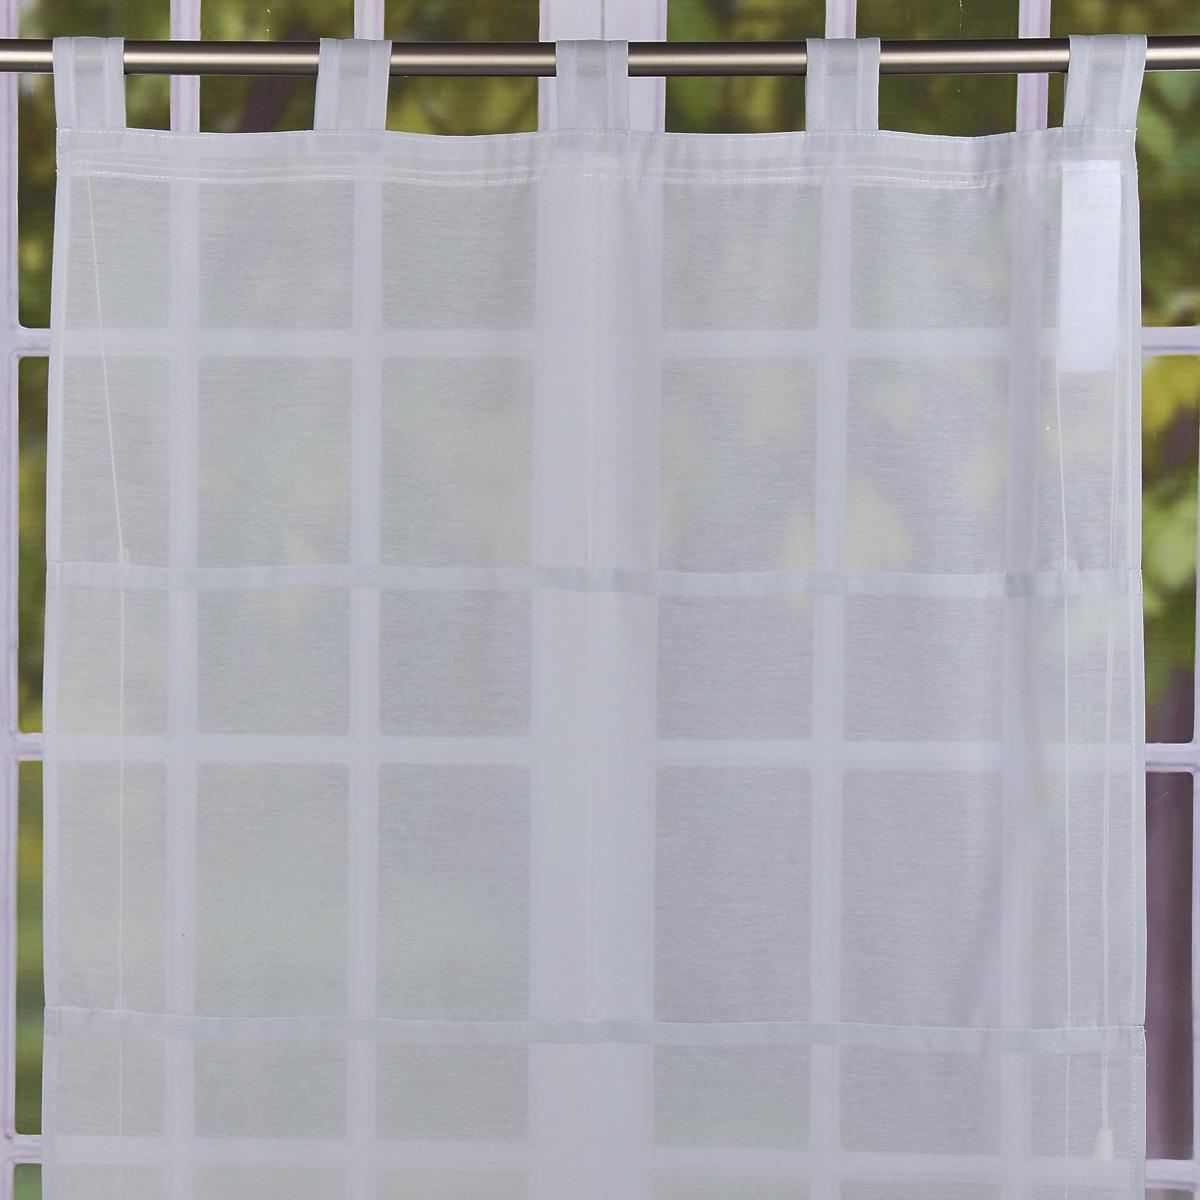 Full Size of Faltrollo Raffrollo Stoffrollo Batist Uni Grau 80x140cm Schner Schlafzimmer Landhausstil Weiß Wohnzimmer Bad Sofa Bett Küche Betten Esstisch Boxspring Regal Wohnzimmer Raffrollo Landhausstil